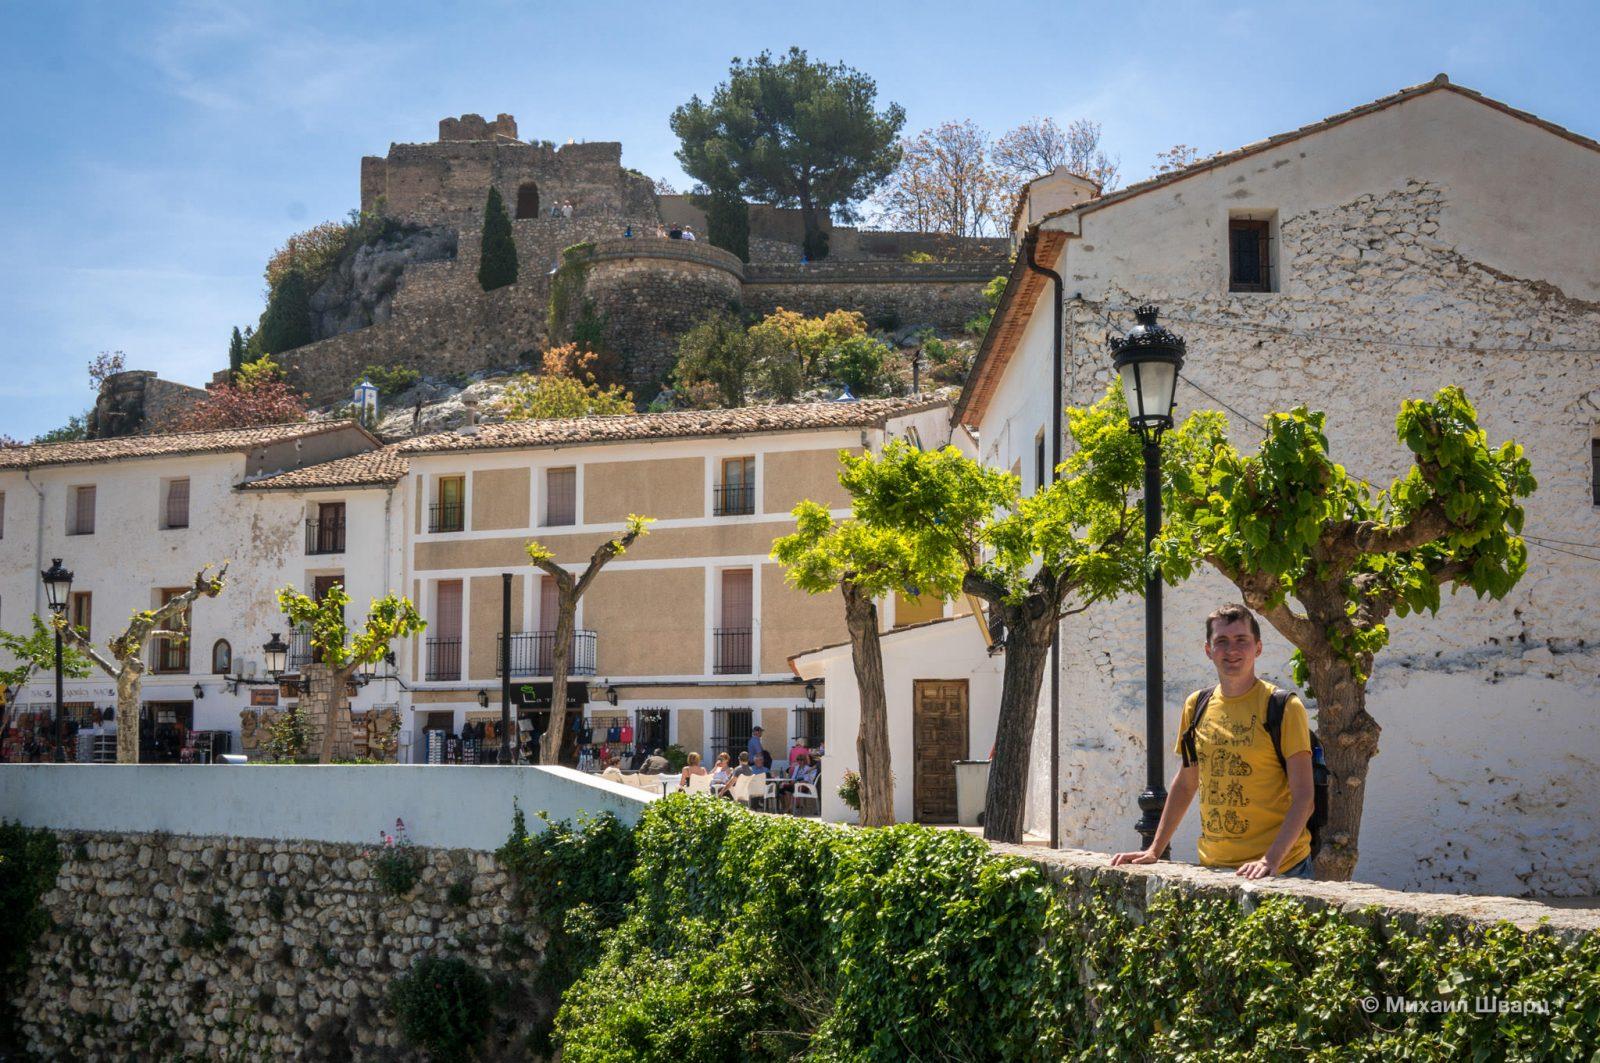 За моей спиной виднеется Замок короля (Castillo del Rey)